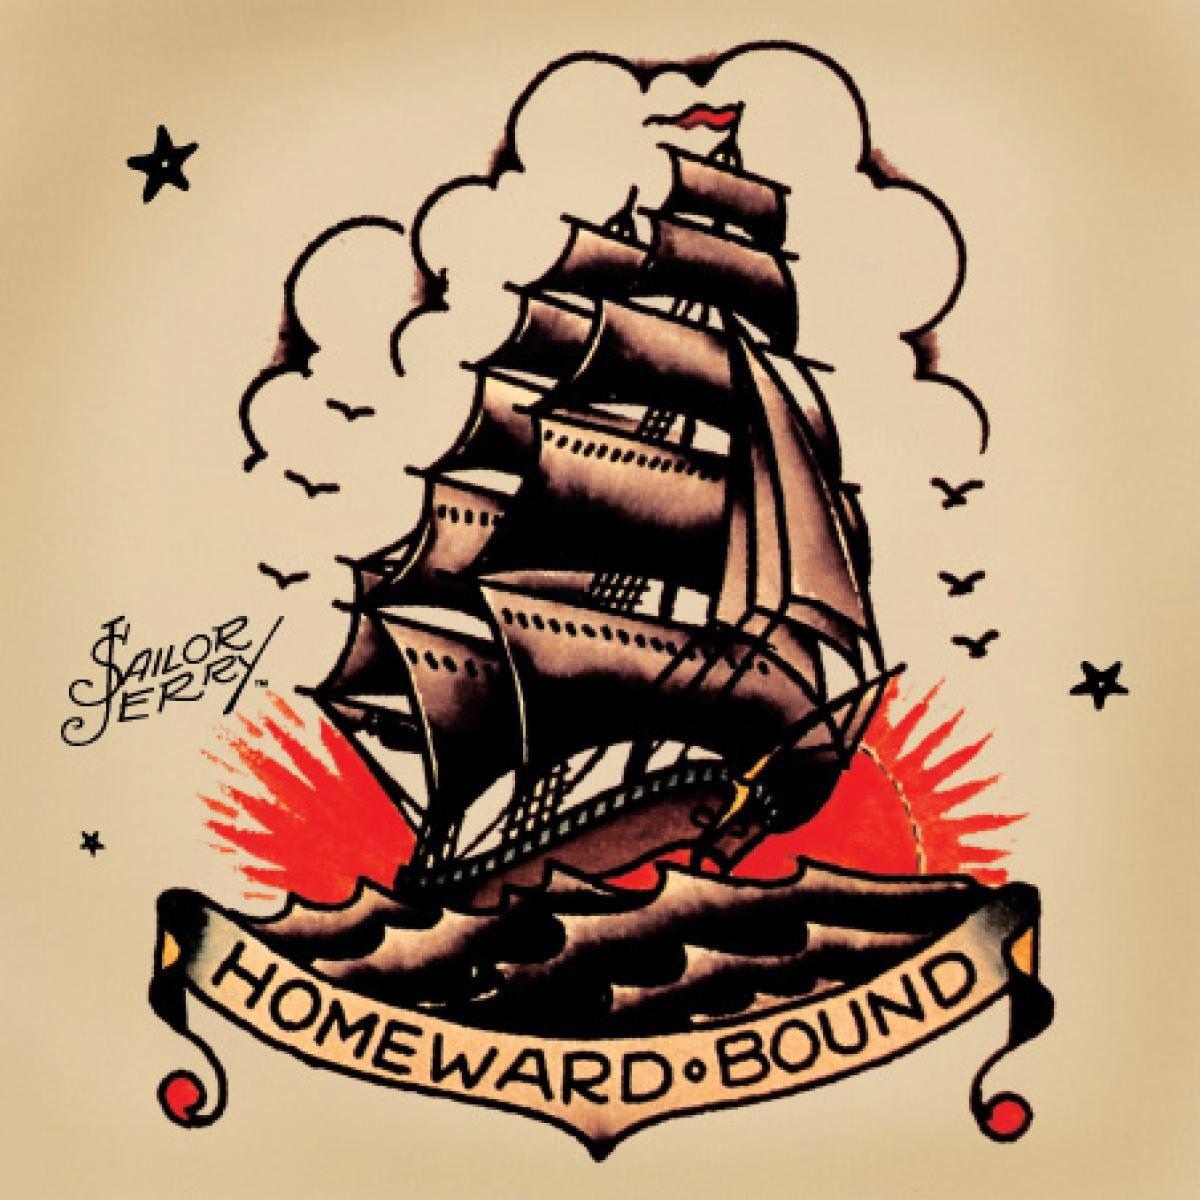 homeward bound tattoo | tattoo ideas | tattoos, sailor jerry tattoos